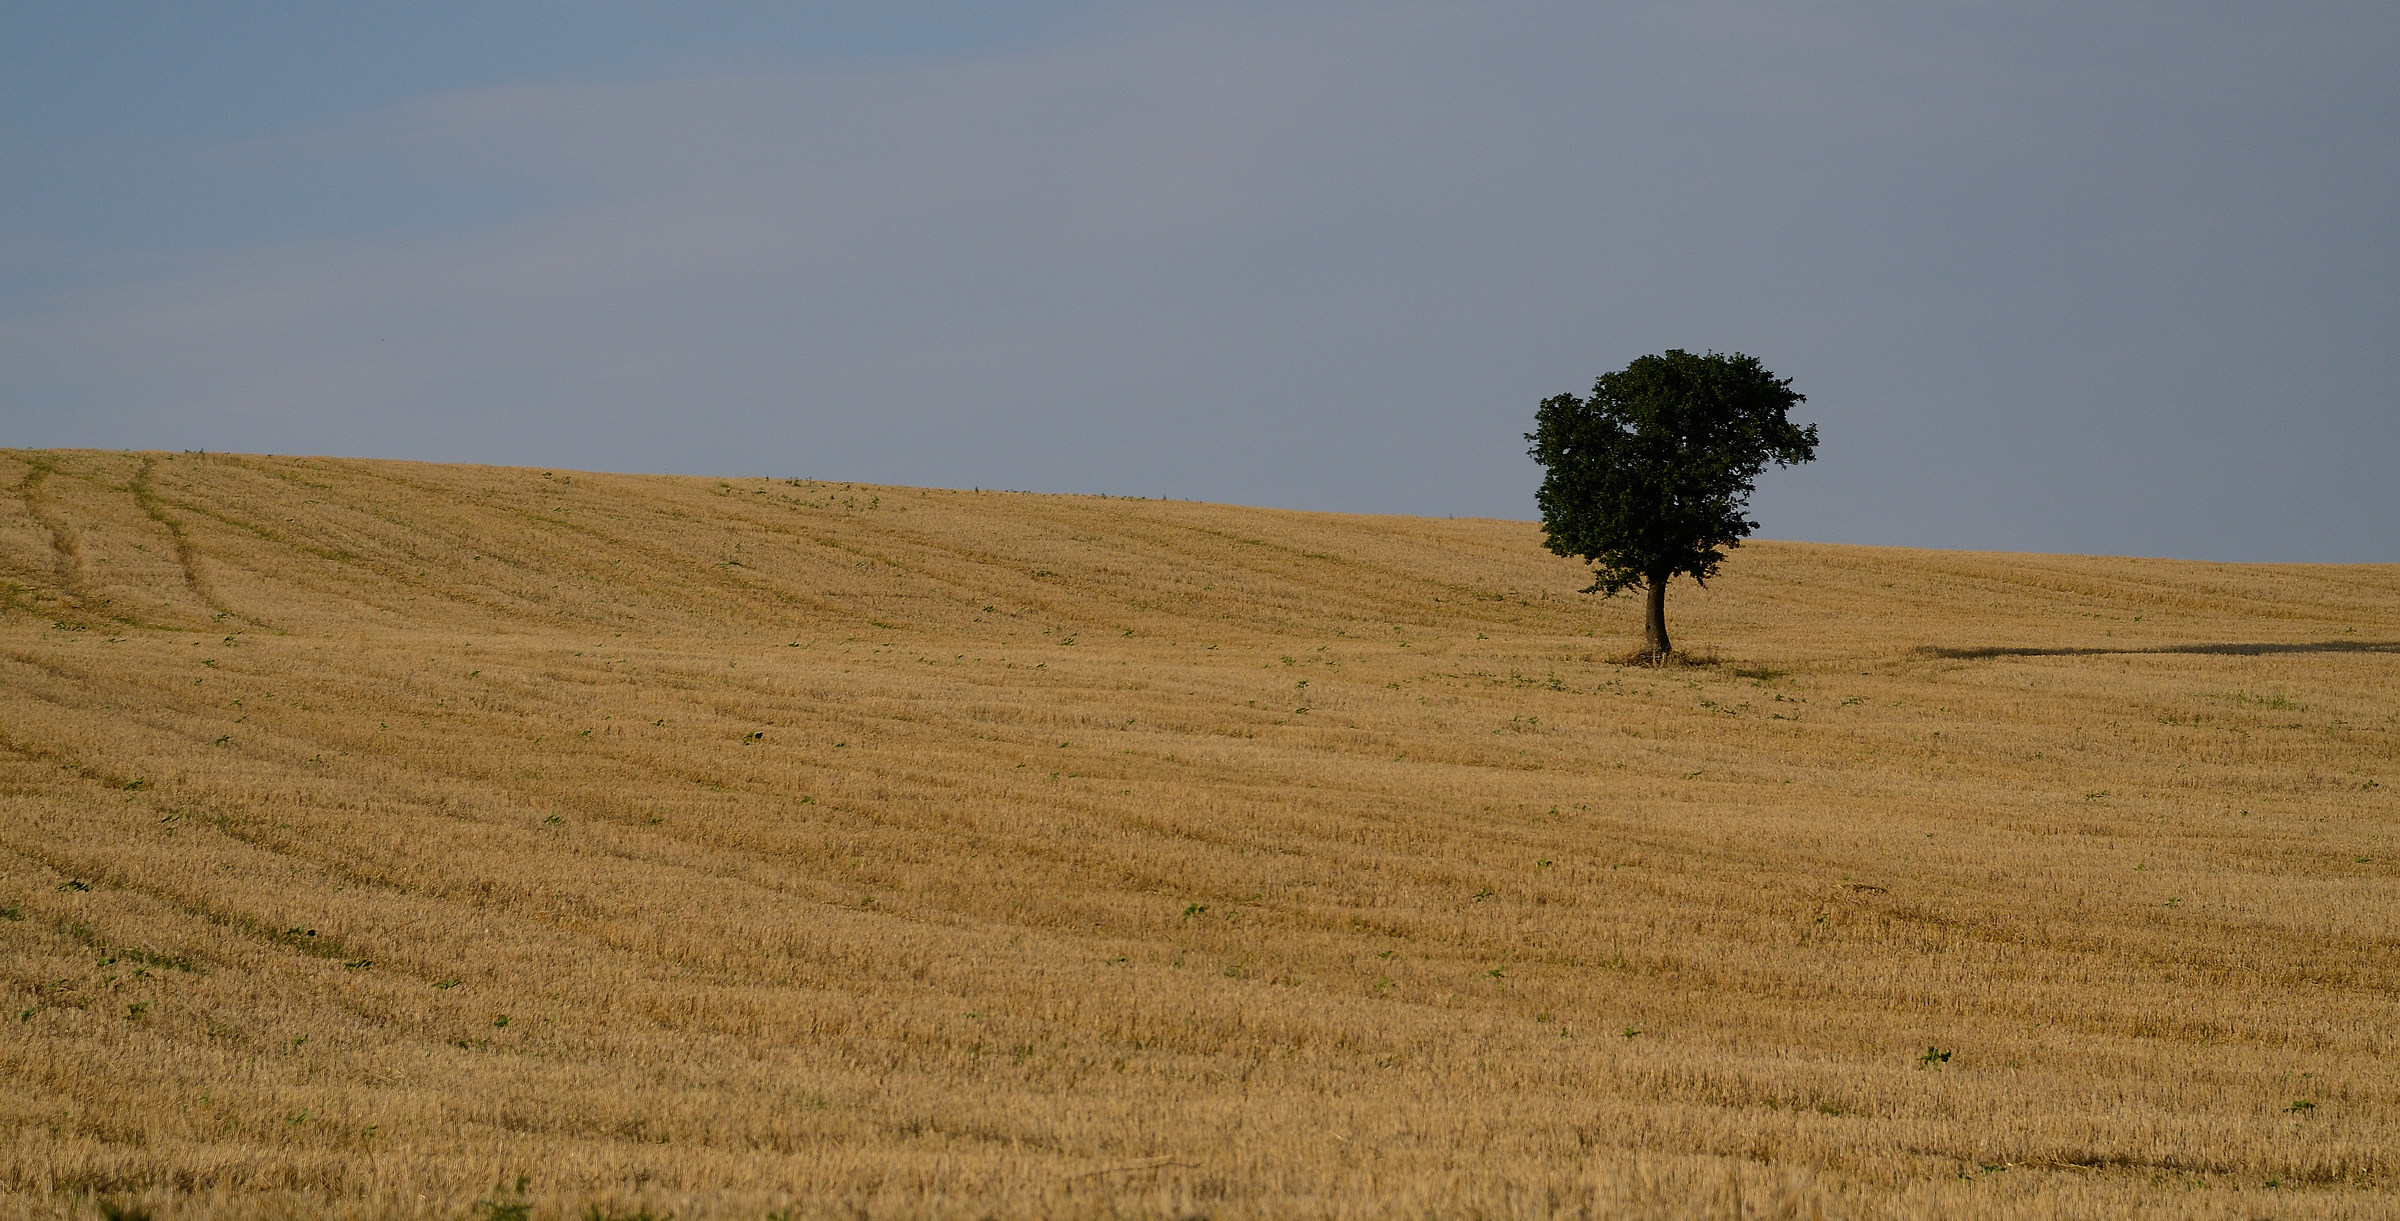 L'albero solitario...